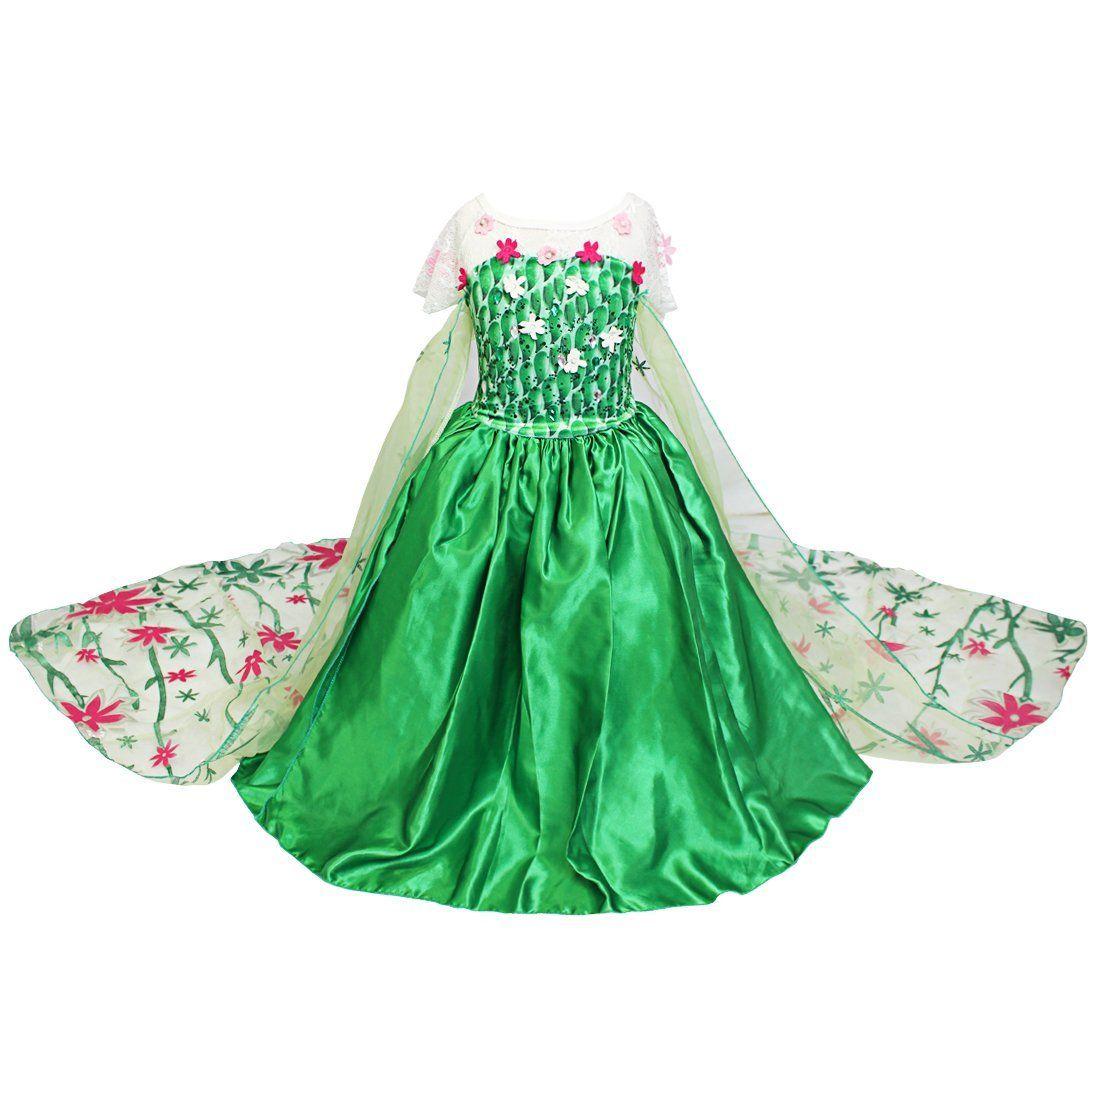 25€Iefiel Petites Filles Costume De Reine Des Neiges dedans Jeux De Petite Fille De 6 Ans